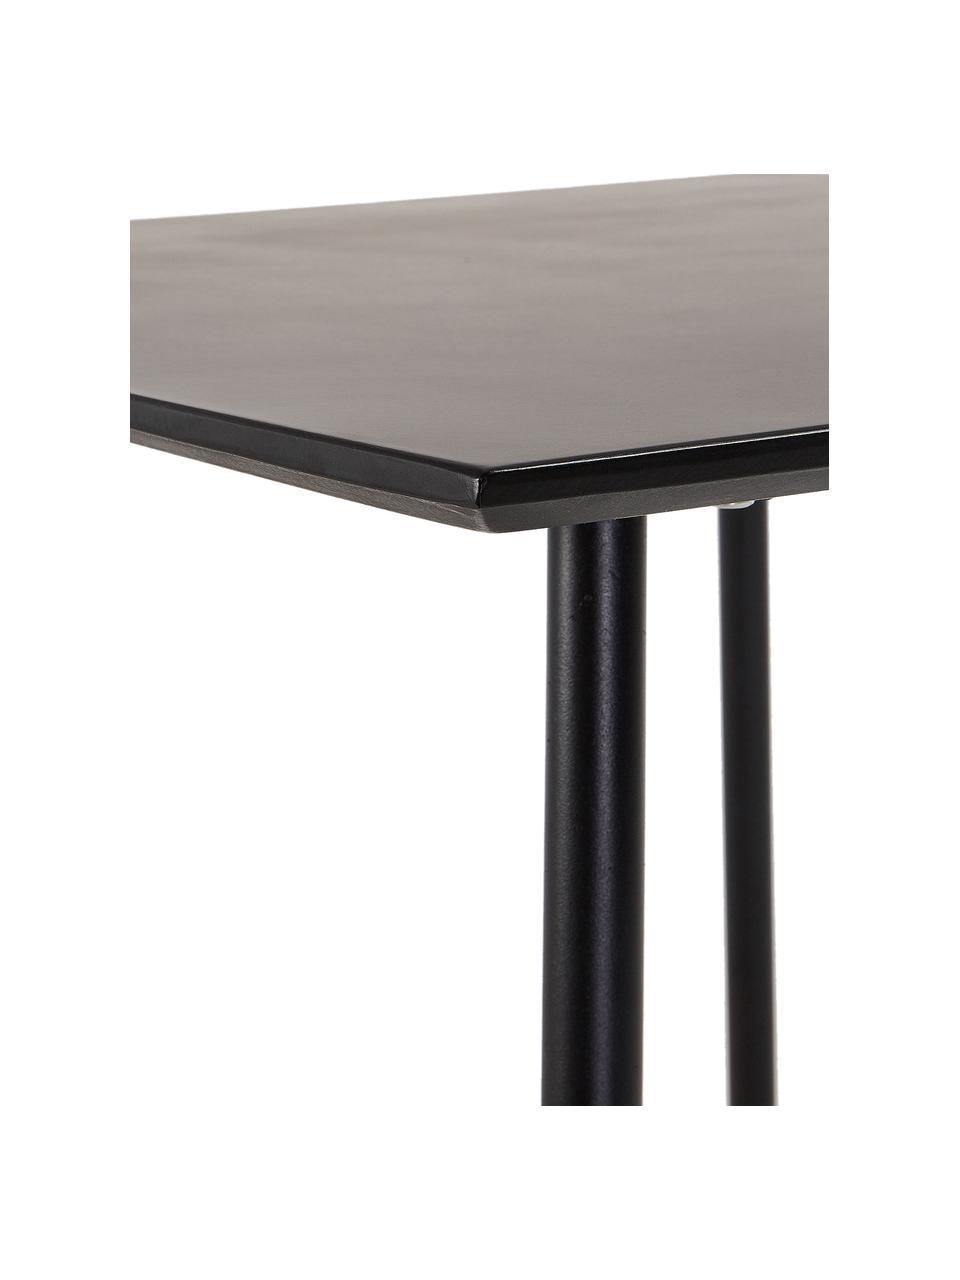 Petite table de balcon Mathis, 75 x 75 cm, Noir